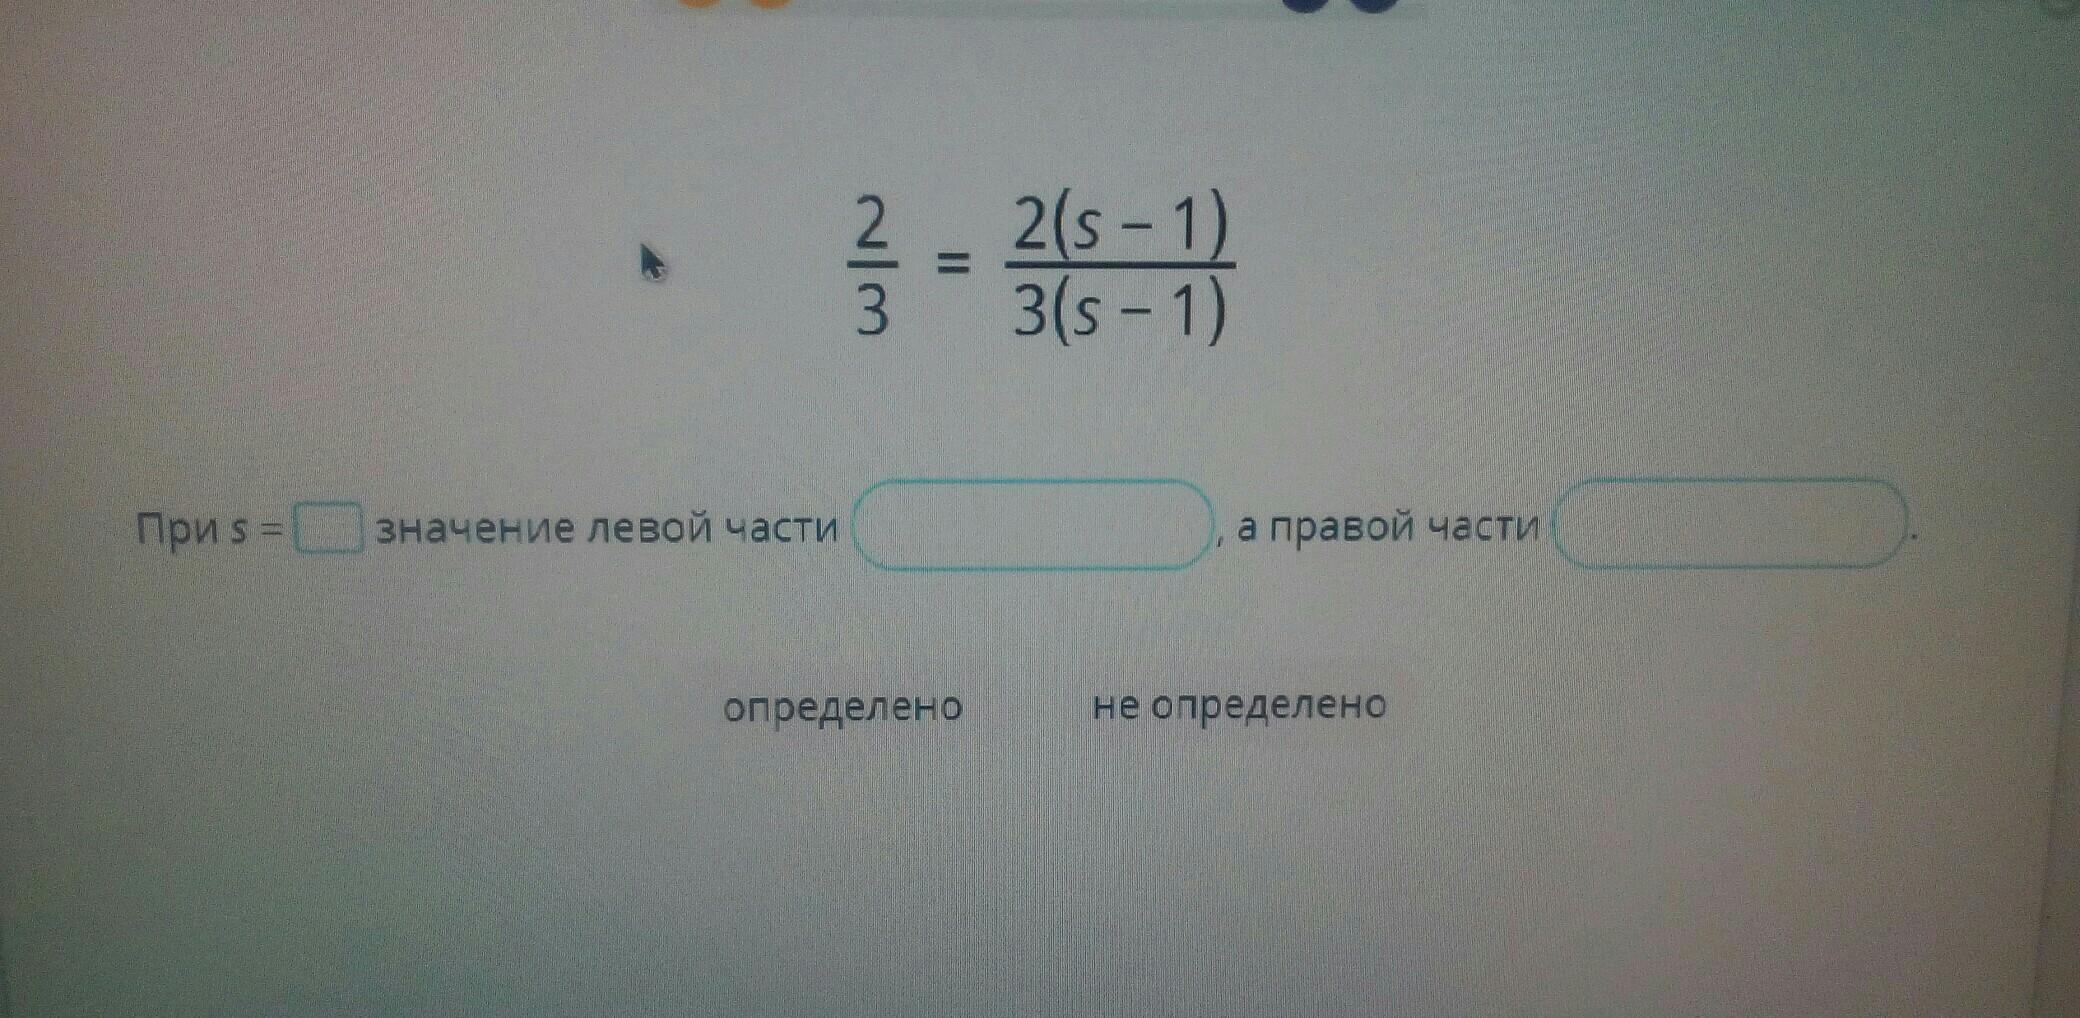 Помогите пожалуйста) по учи. ру.